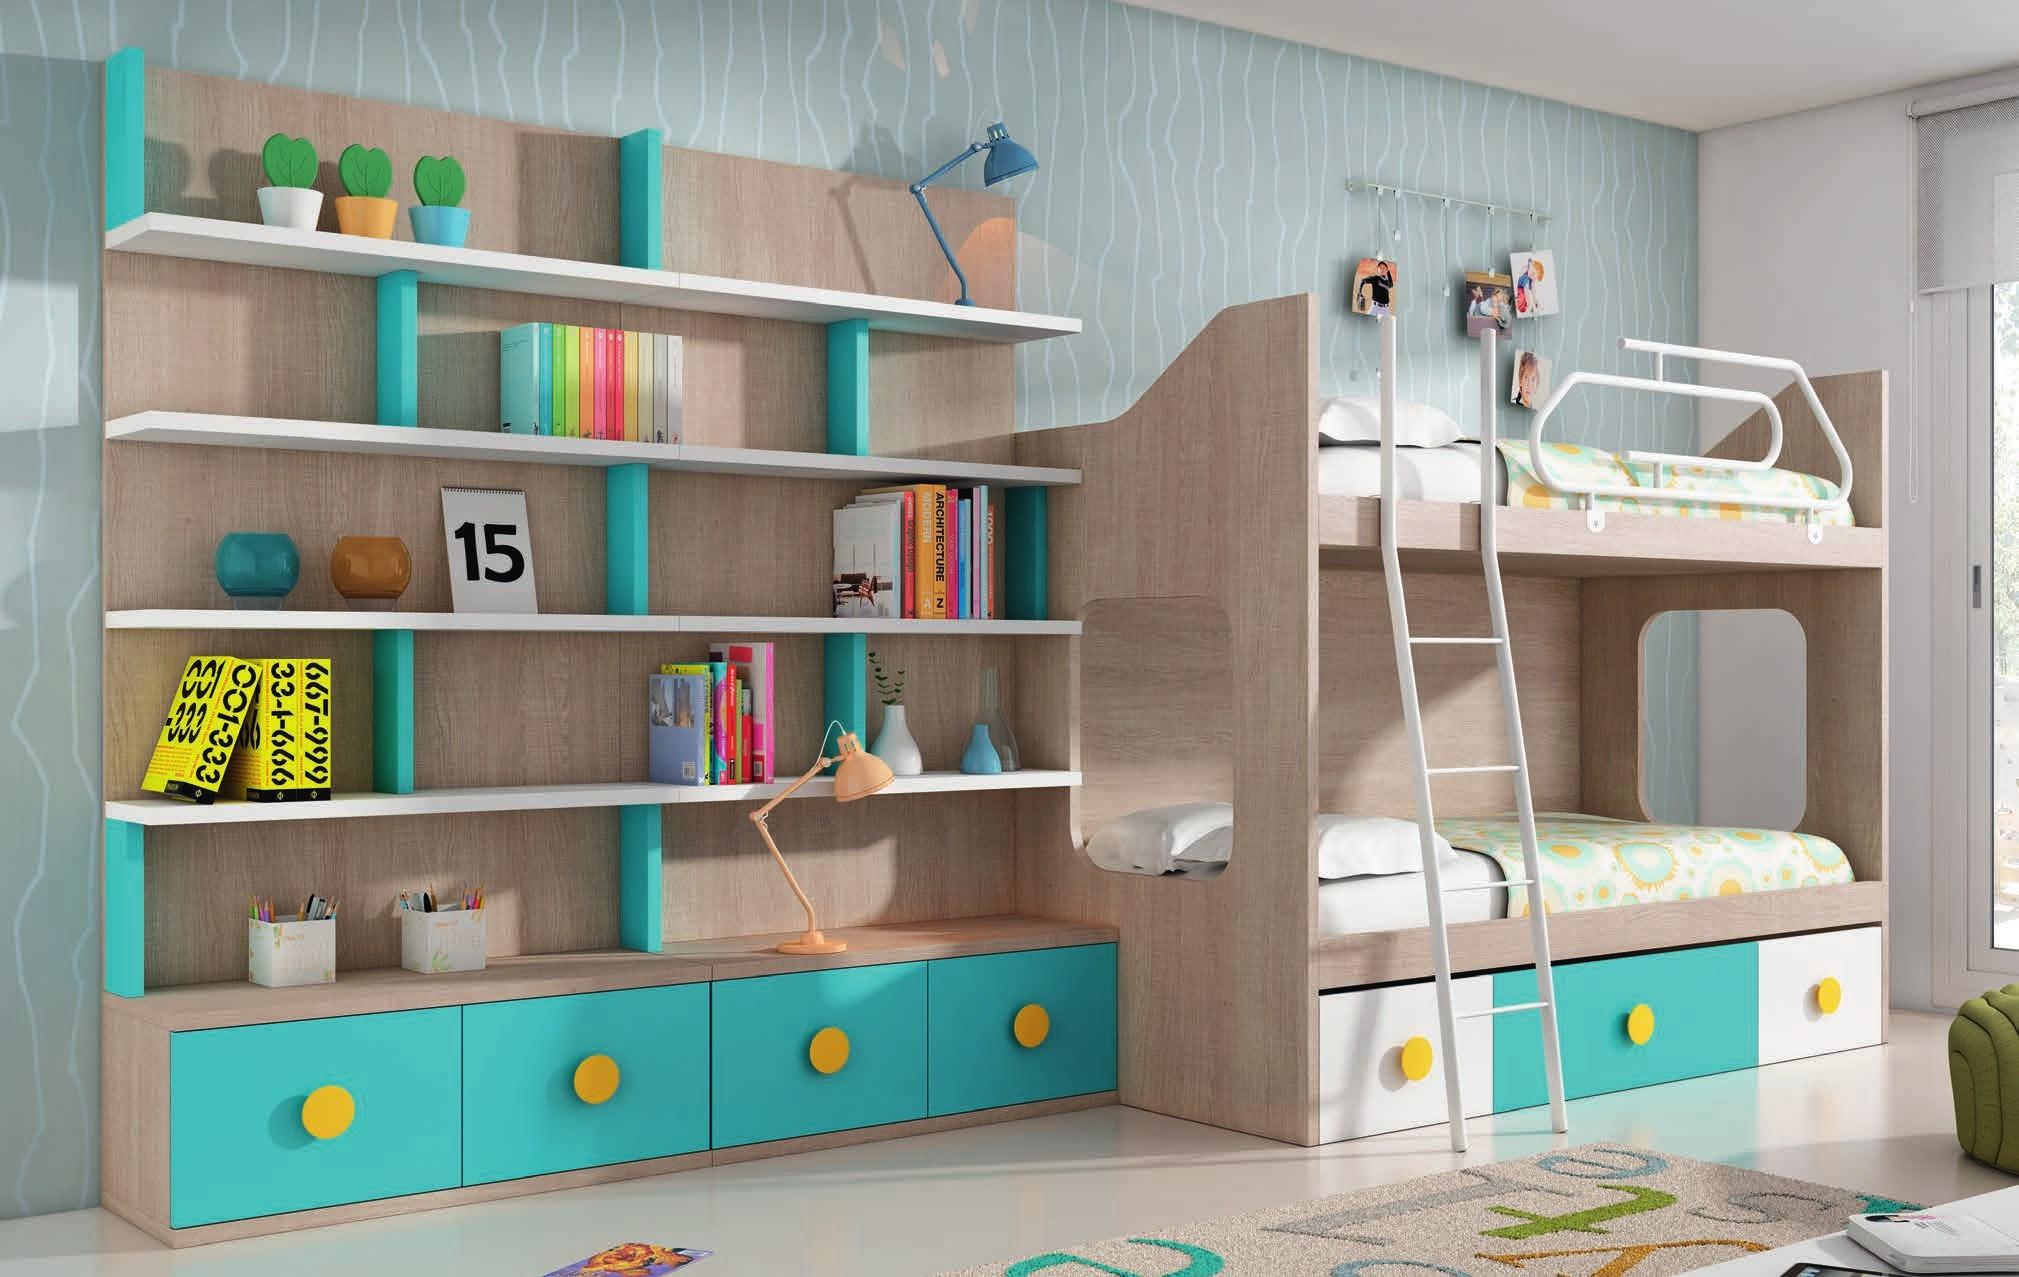 Muebles pedro alcaraz obtenga ideas dise o de muebles para su hogar aqu - Muebles arriazu ...